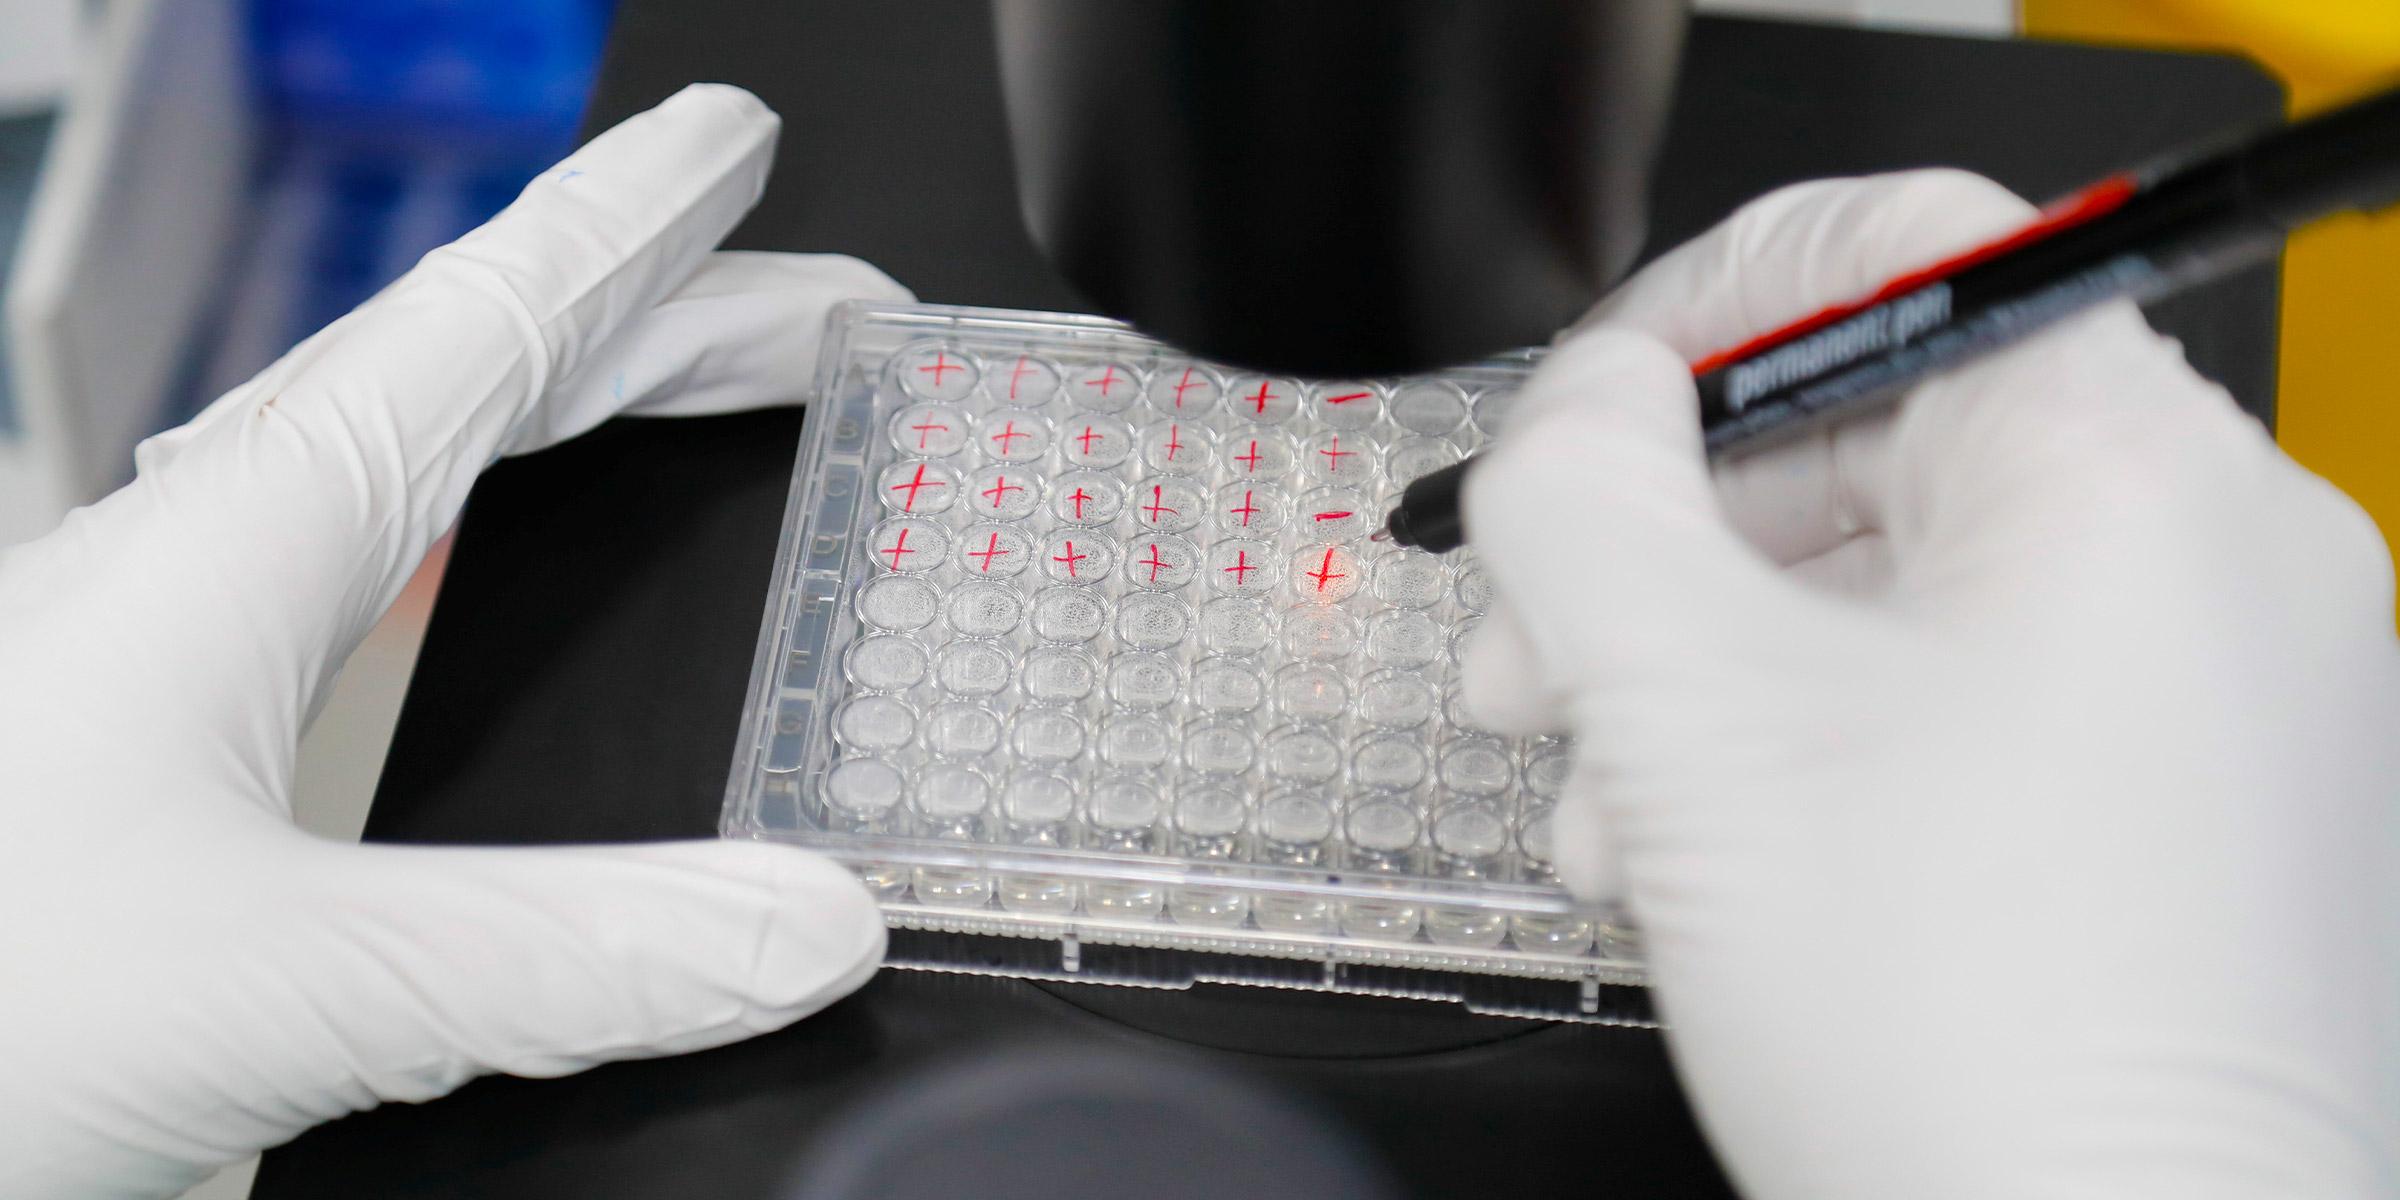 Un científico examina células infectadas con COVID-19 durante la investigación de una vacuna contra la enfermedad del coronavirus (COVID-19) en un laboratorio de la empresa de biotecnología BIOCAD en San Petersburgo, Rusia, 20 de mayo de 2020. REUTERS / Anton Vaganov